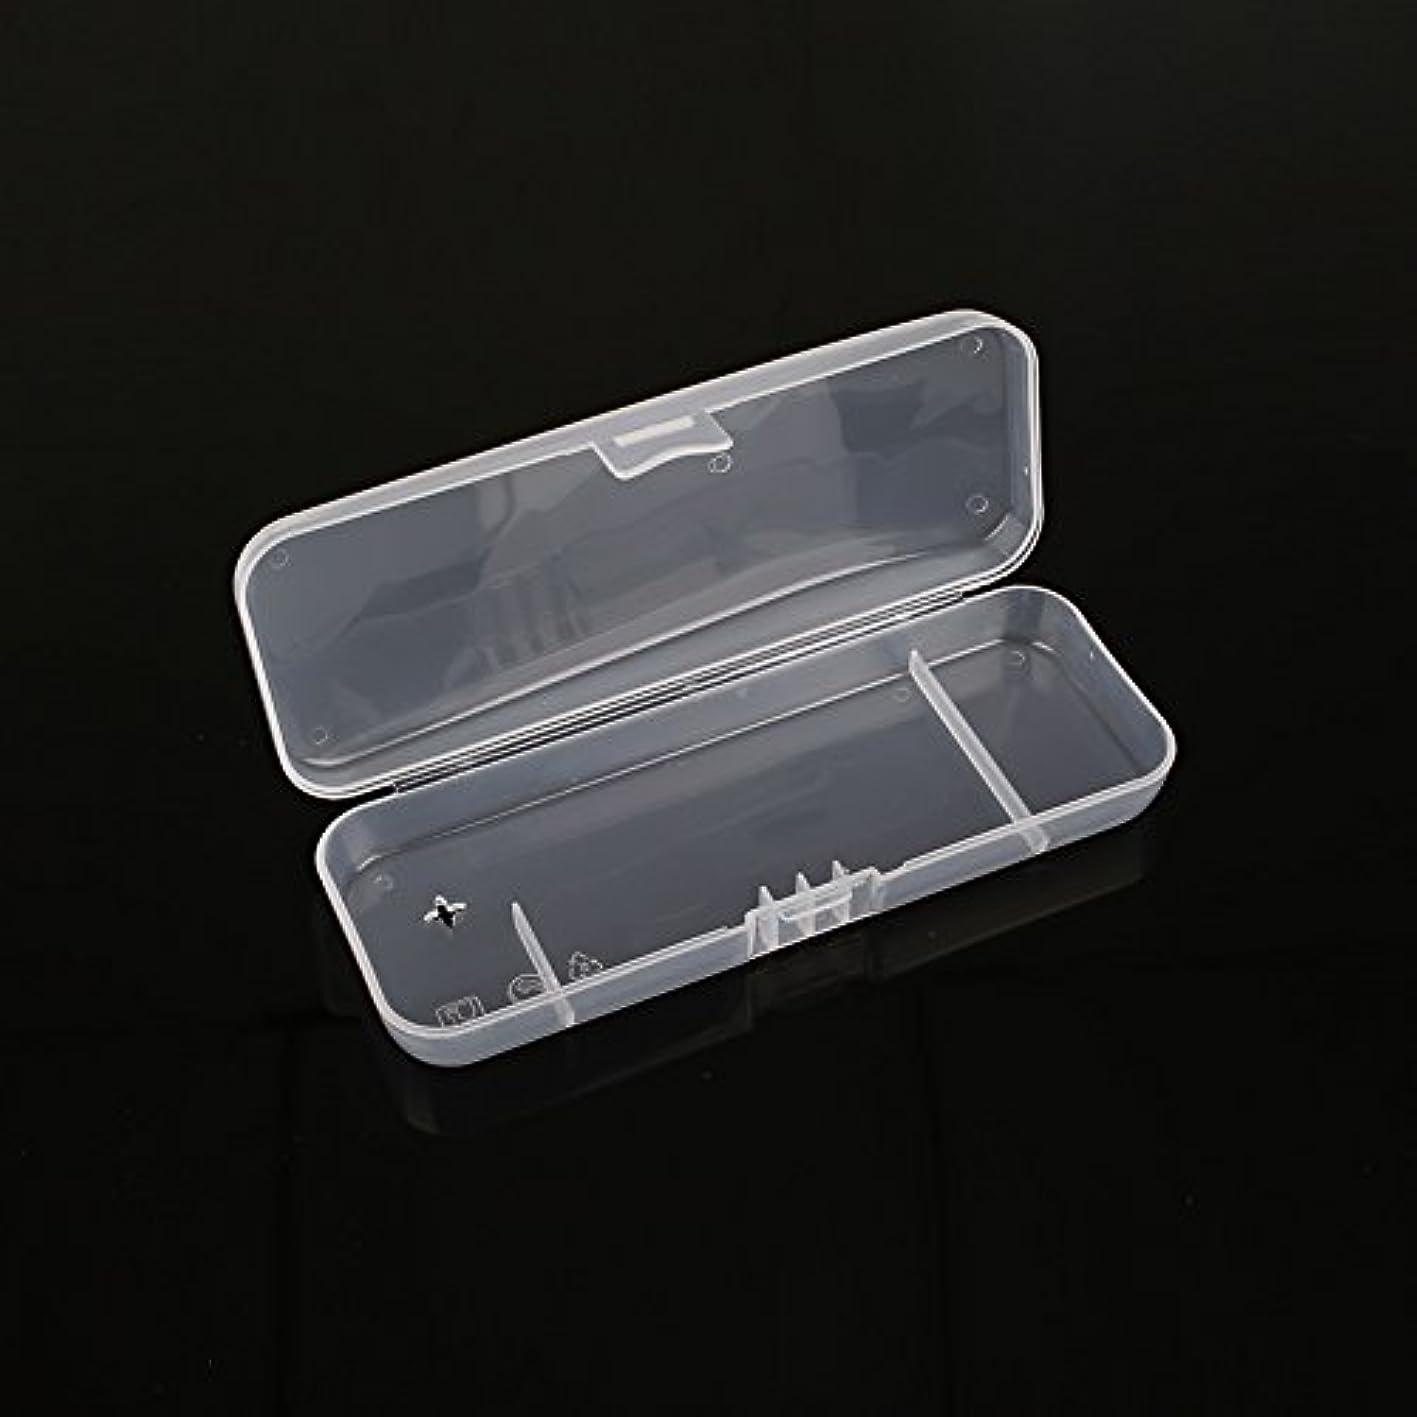 予報ご注意位置づけるキコード 白い透明 ポータブル シェービングボックス シェーバー用 トラベルレジャープロテクター